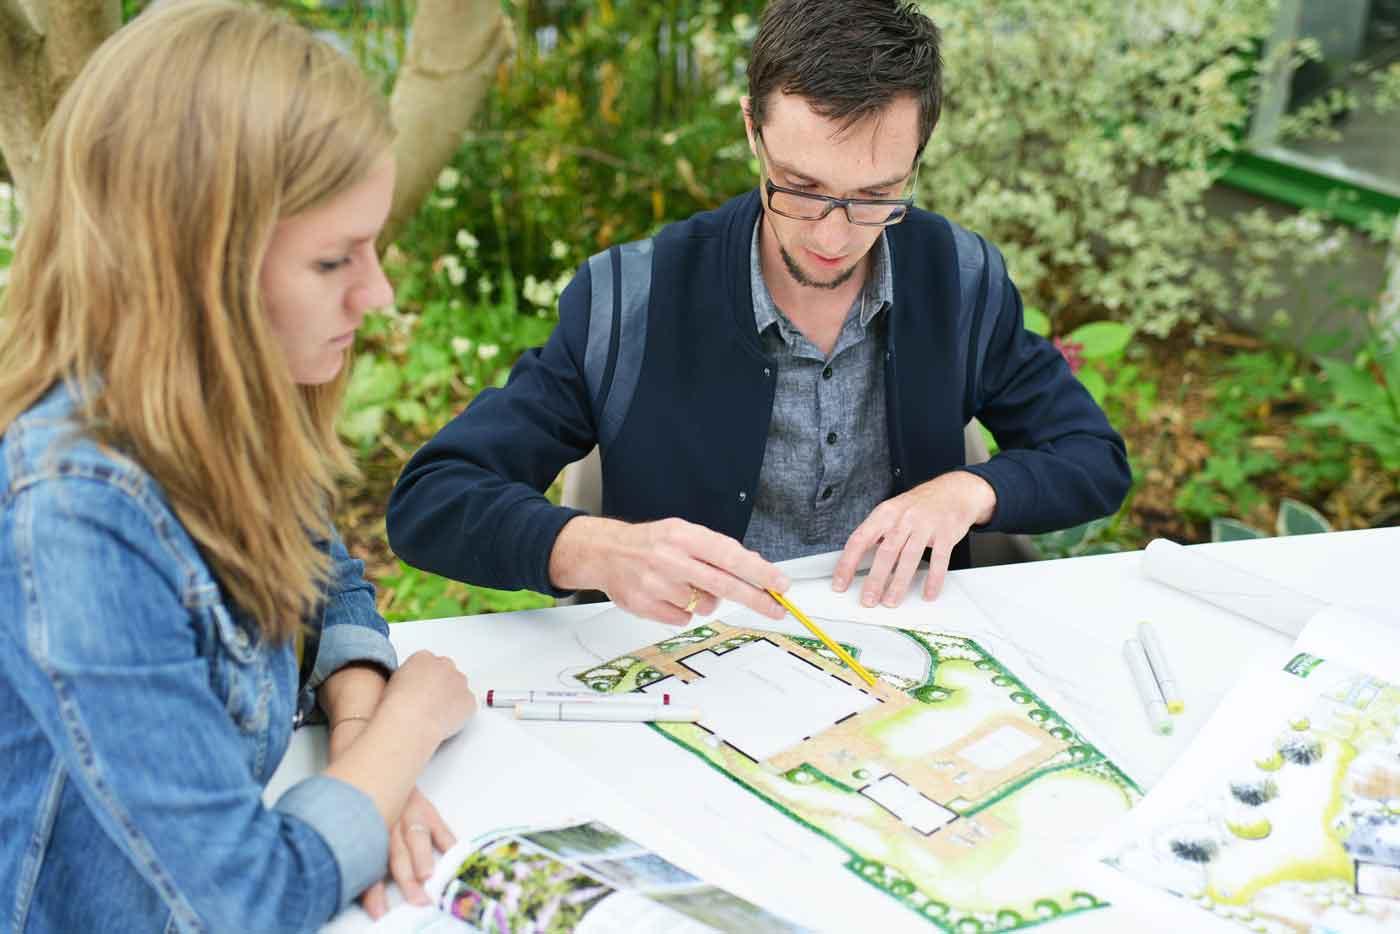 Gartengestaltung mit Kunden